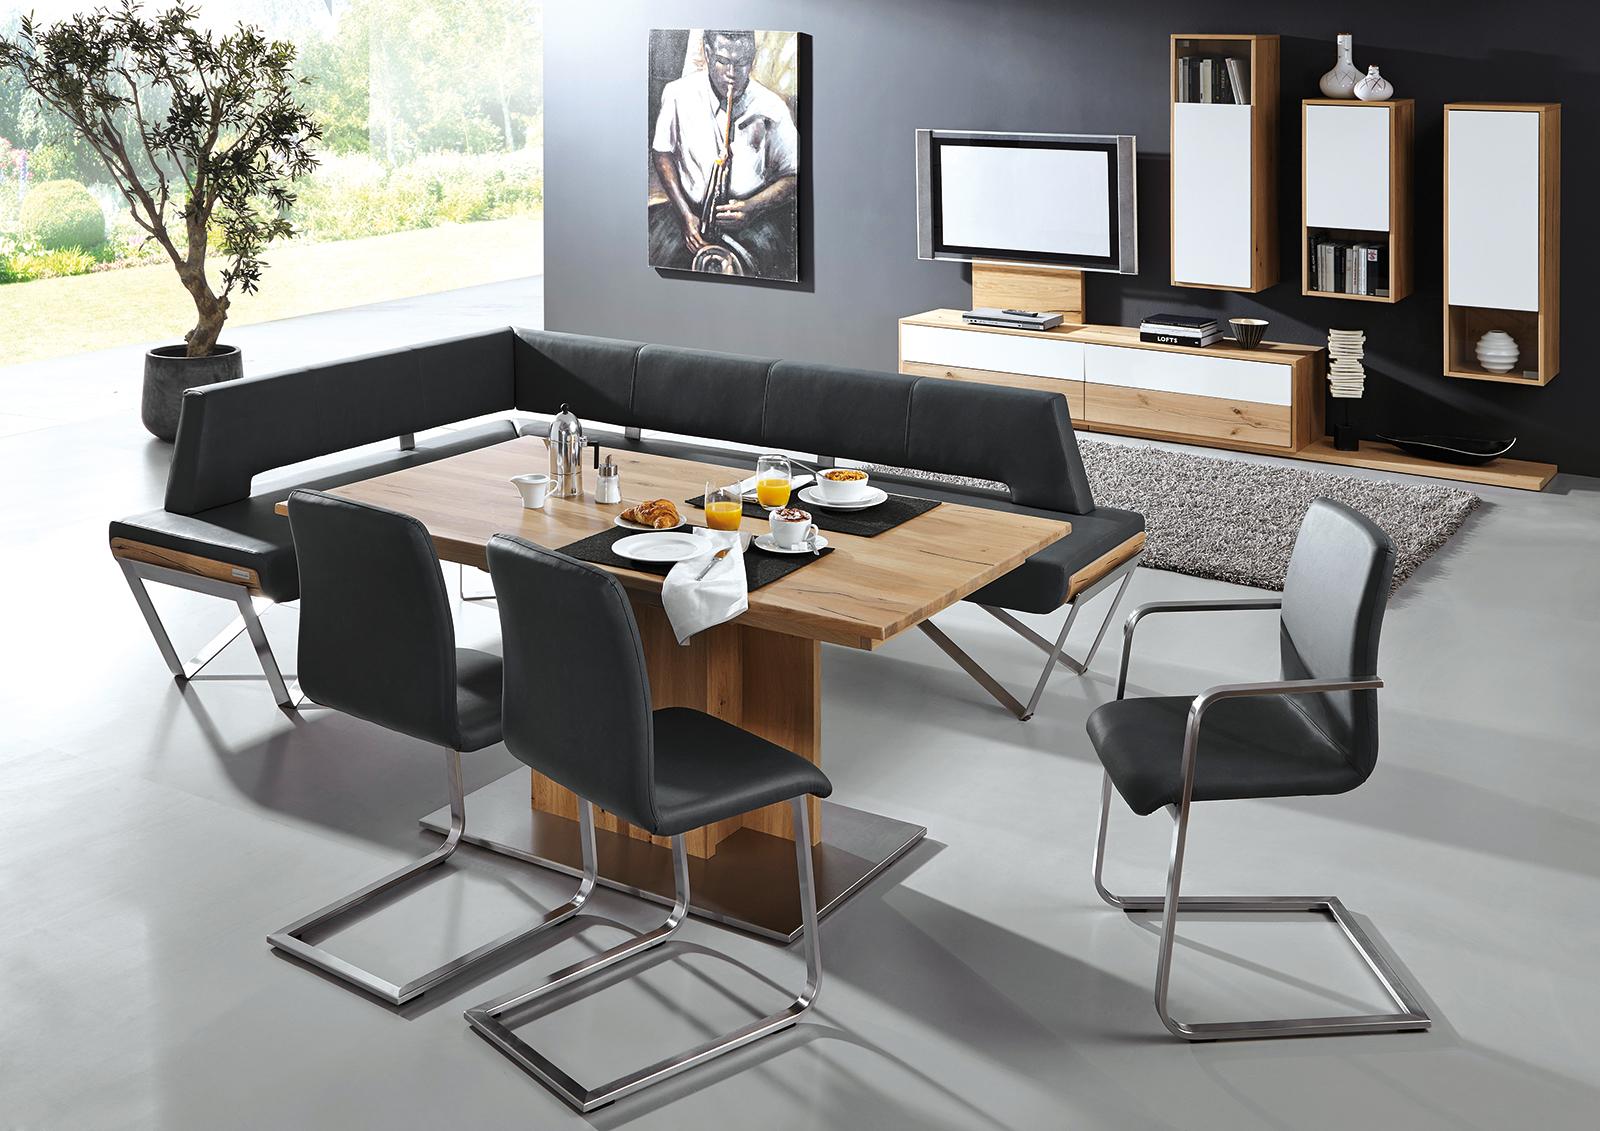 m bel polt esszimmer amstetten k che steyr 02 m bel polt m belhaus. Black Bedroom Furniture Sets. Home Design Ideas